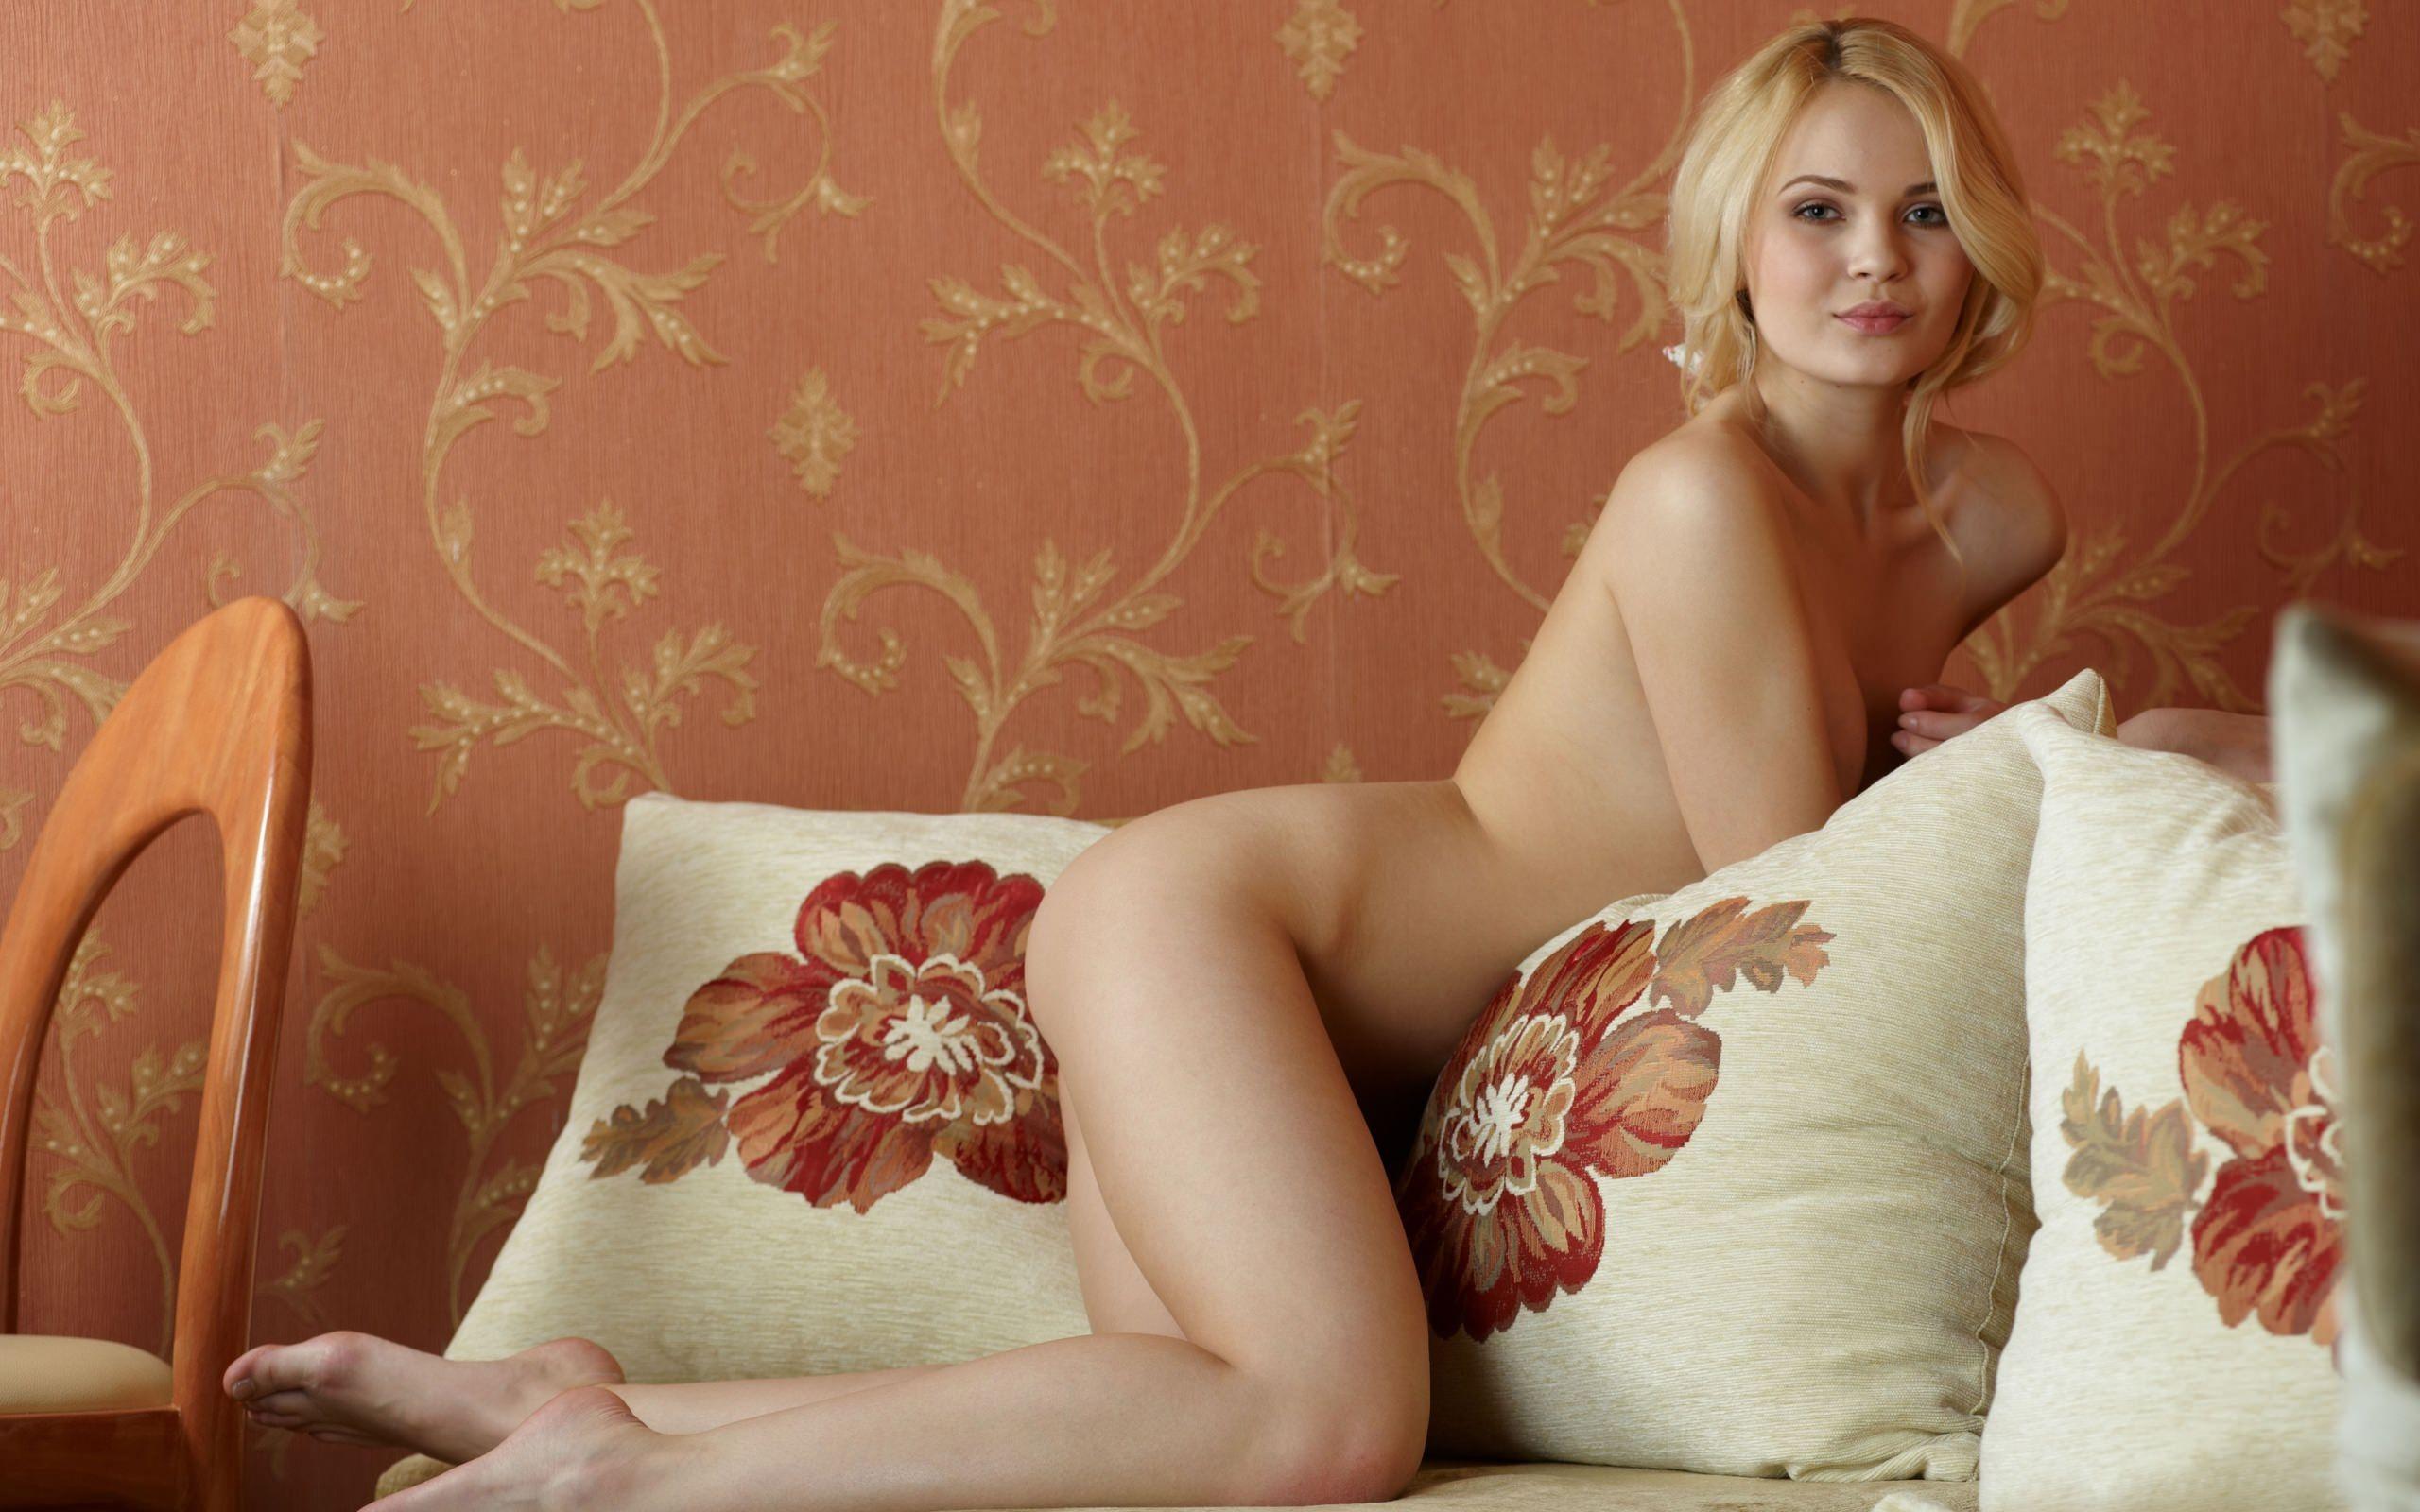 Фото Молодая милая блондинка удобно устроилась на подушках, обнаженное сексуальное тело. Beautiful young girl on the pillows, naked blonde, pretty girl, скачать картинку бесплатно